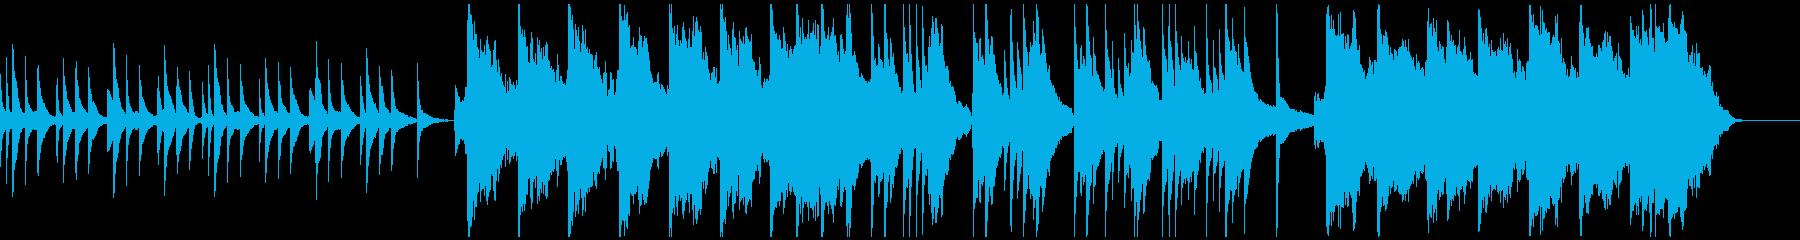 ピアノとバイオリンによる悲しい曲の再生済みの波形